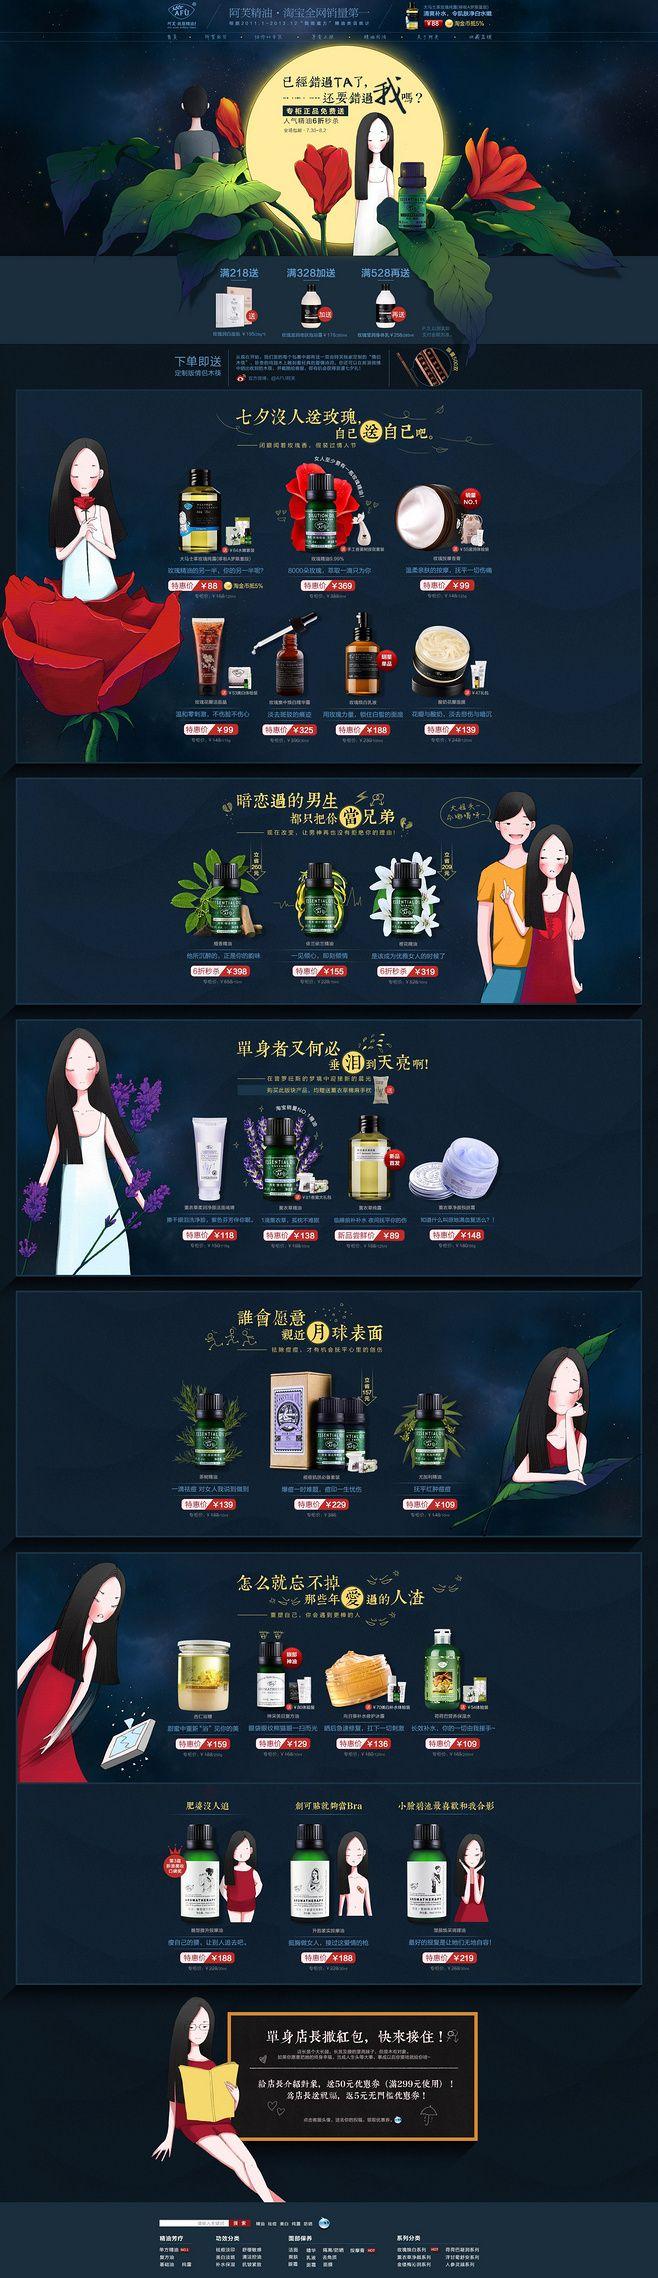 阿芙精油七夕情人节多个爱情插画专题页设计